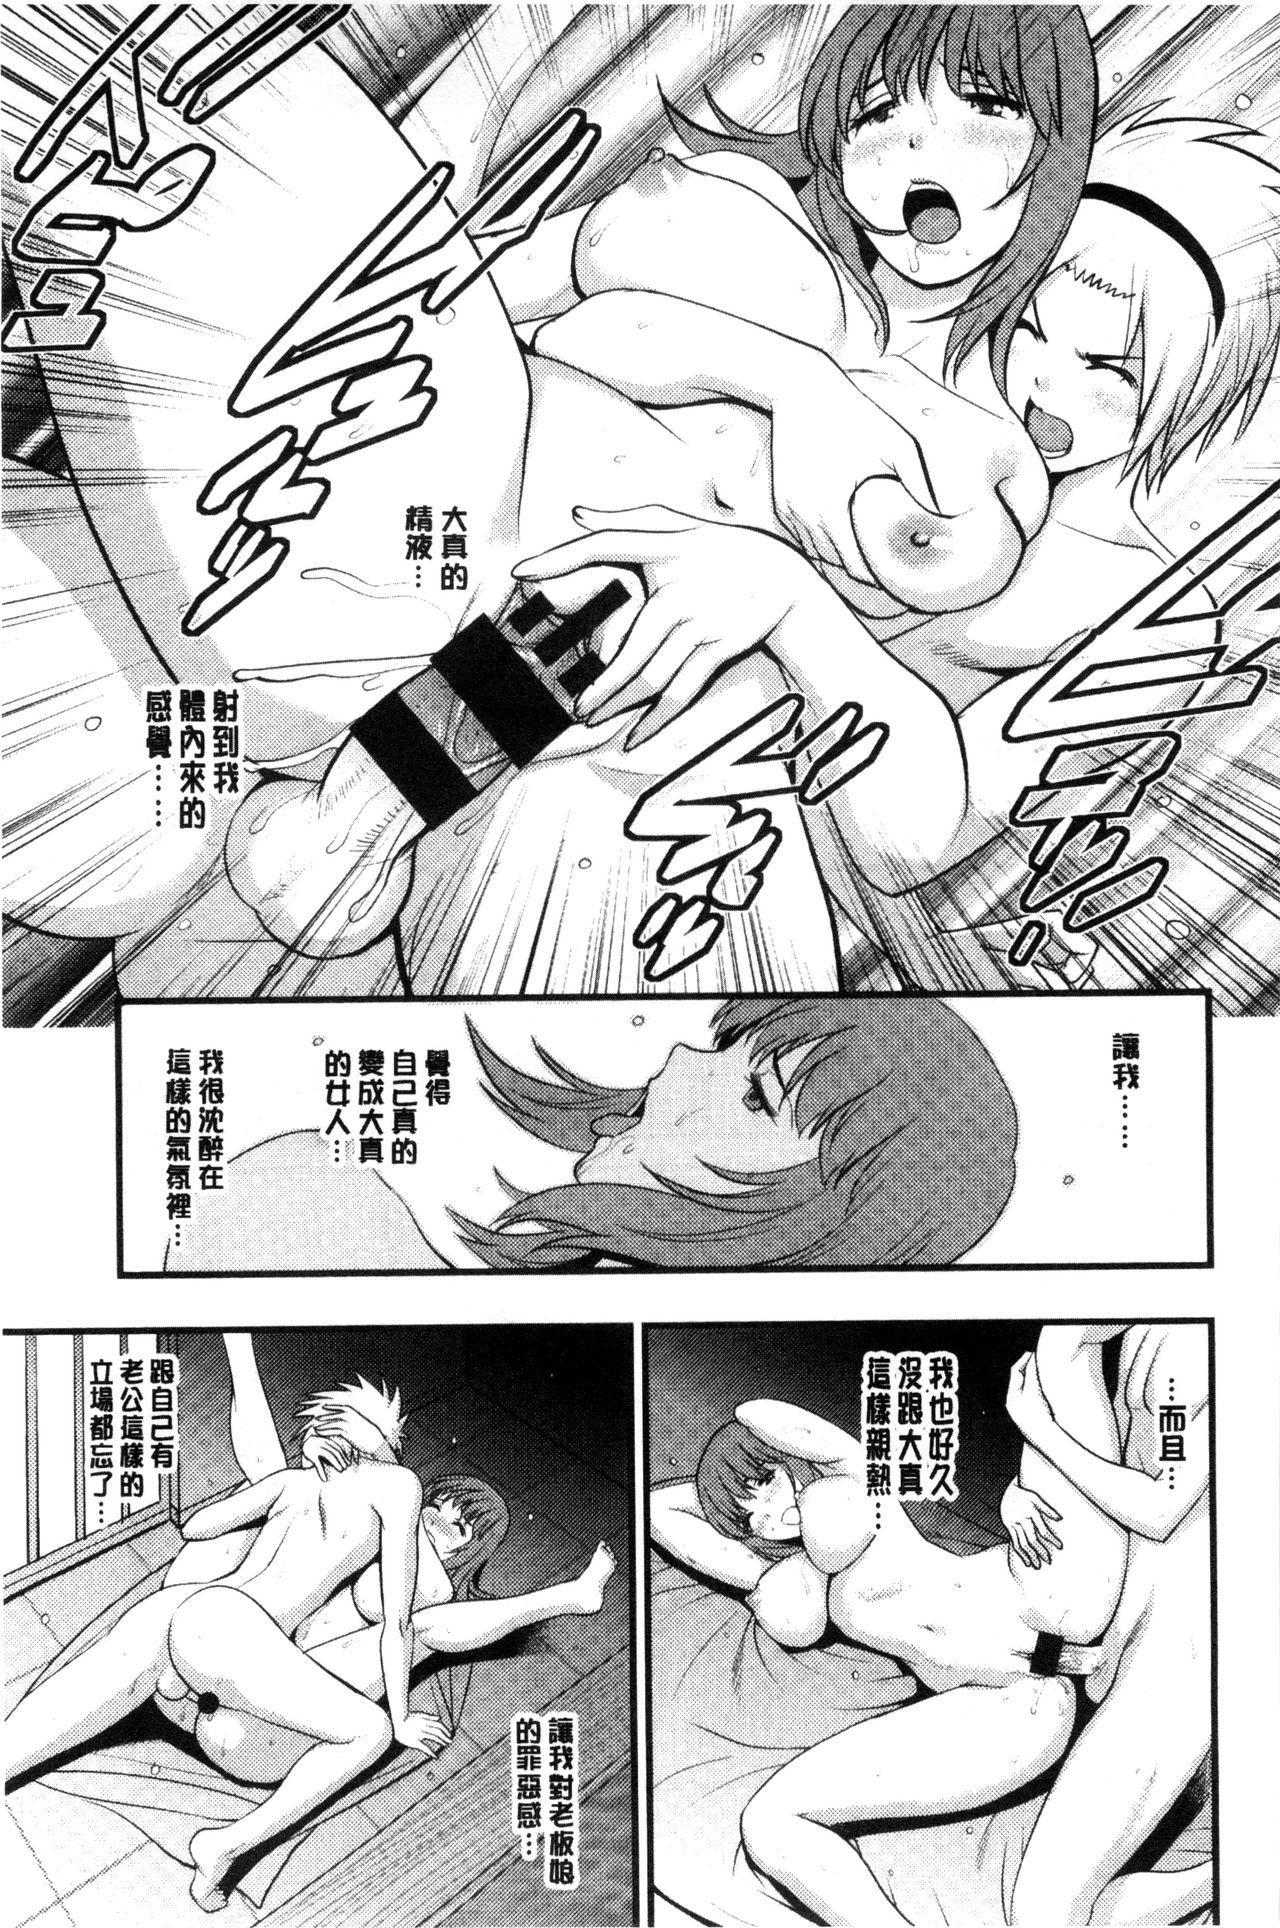 [Saigado] Part Time Manaka-san Wakazuma Enjokousai-ki | 兼職打工的愛花小姐 [Chinese] 159